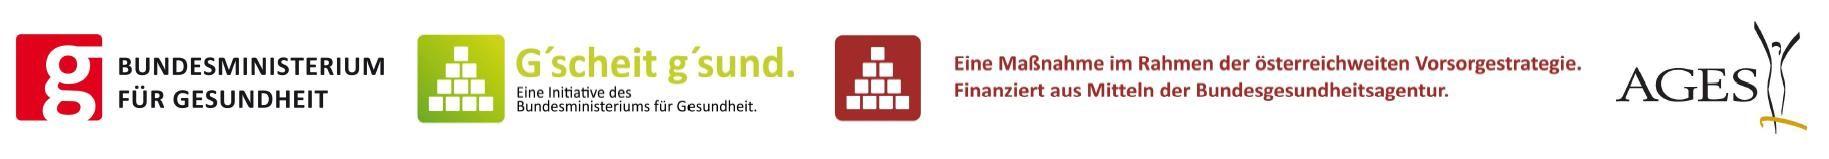 Logoleiste_Schulbuffet.jpg